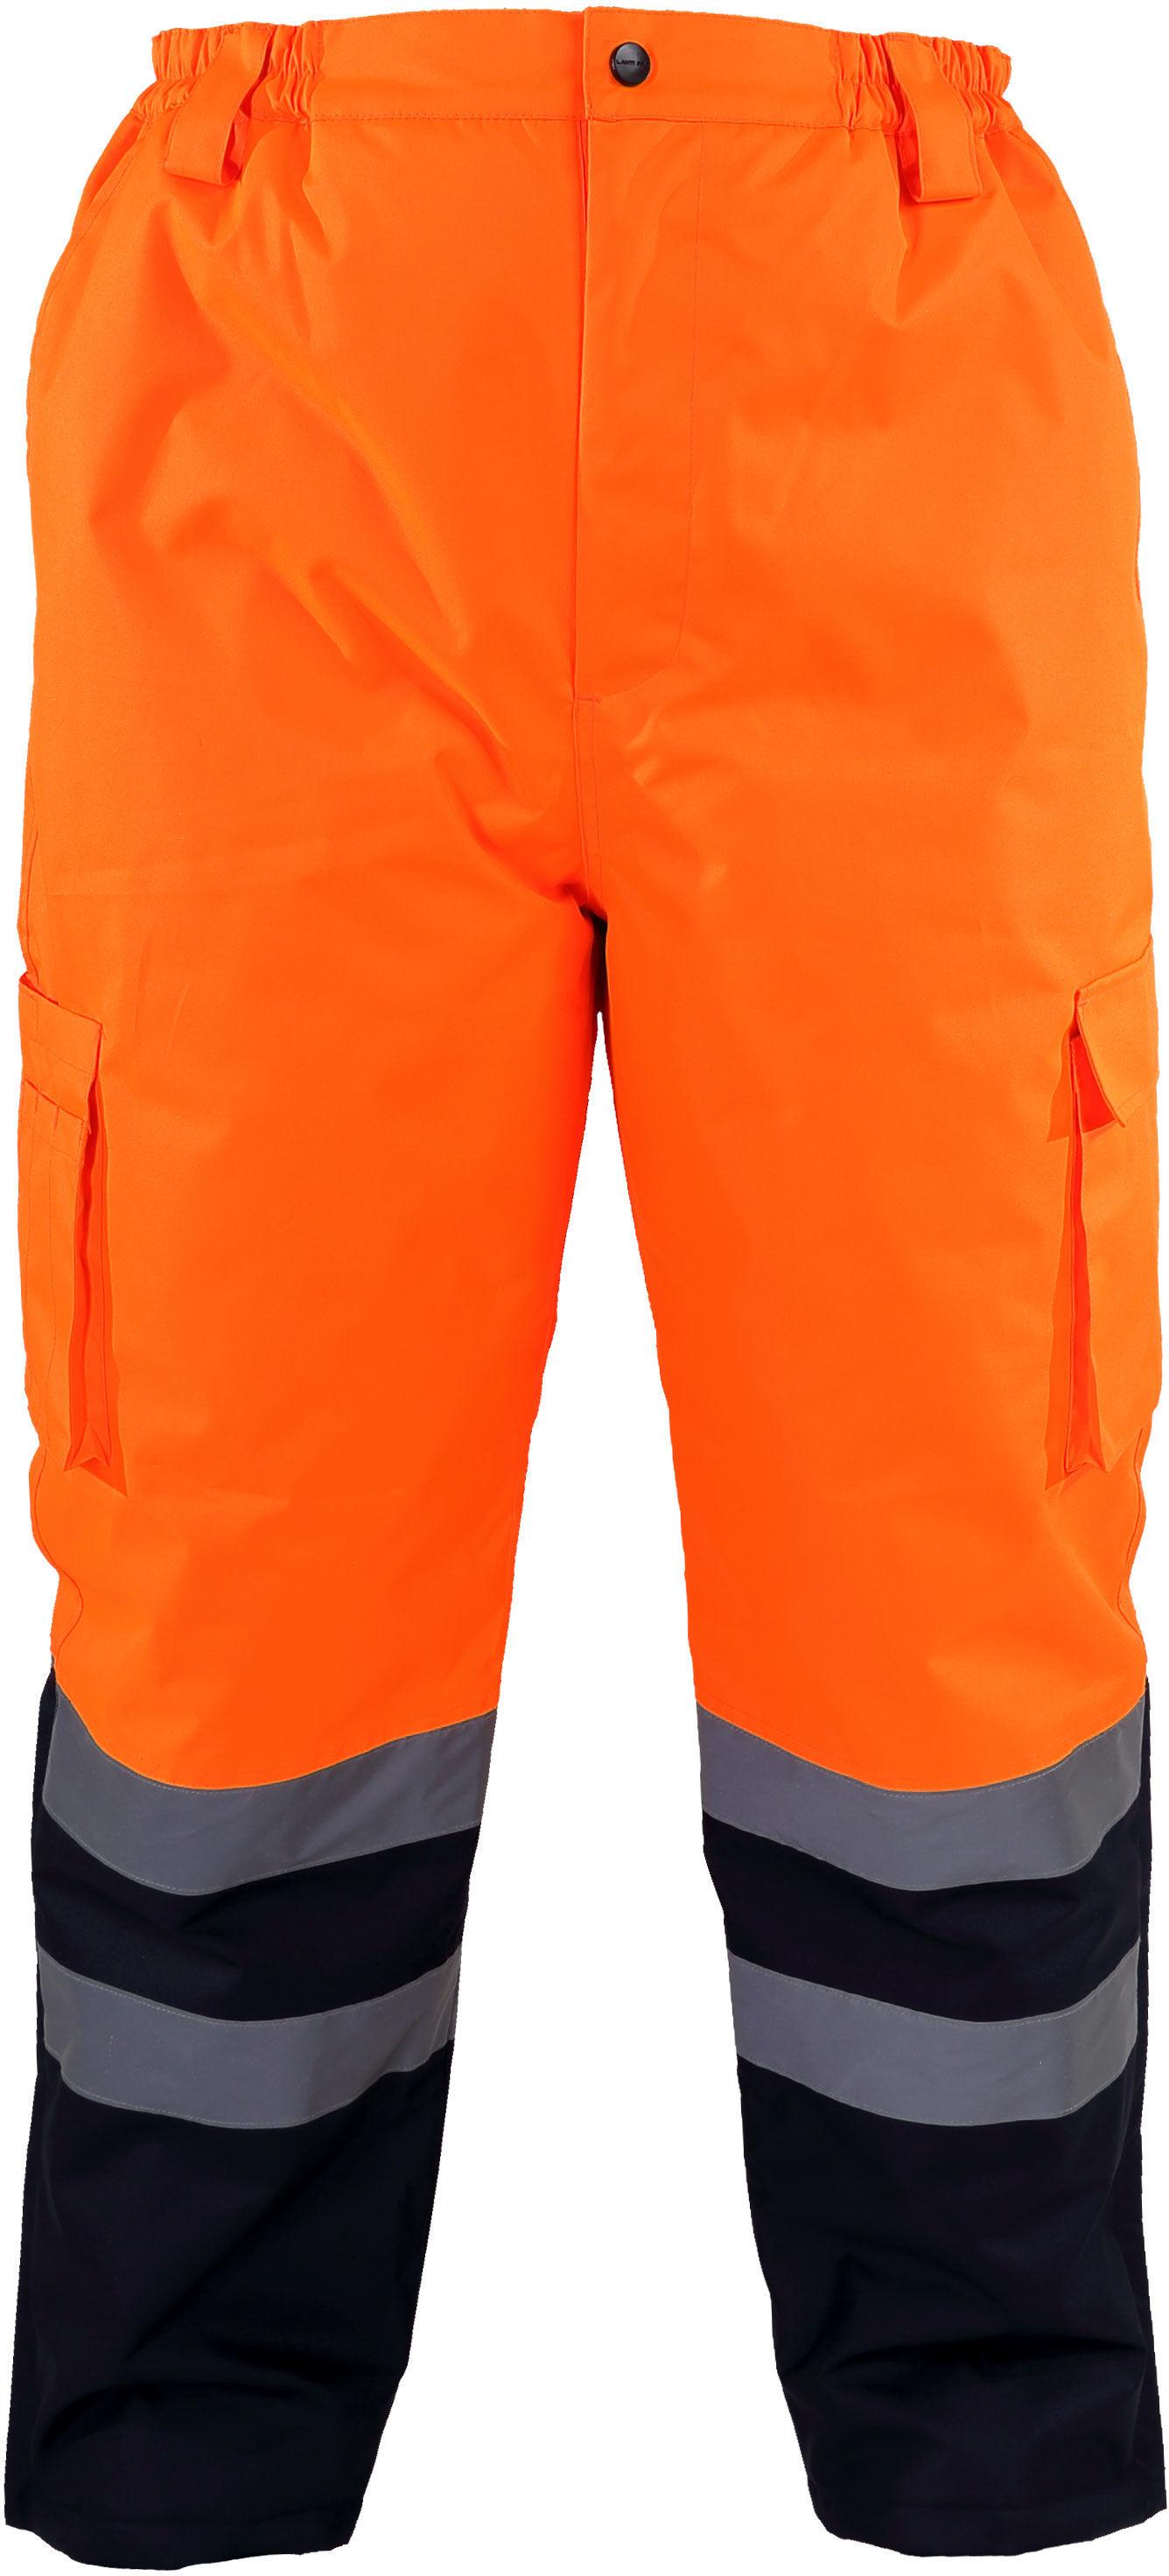 """Spodnie ostrzegawcze ociep., pomarańczowe, """"3xl"""", ce, lahti"""